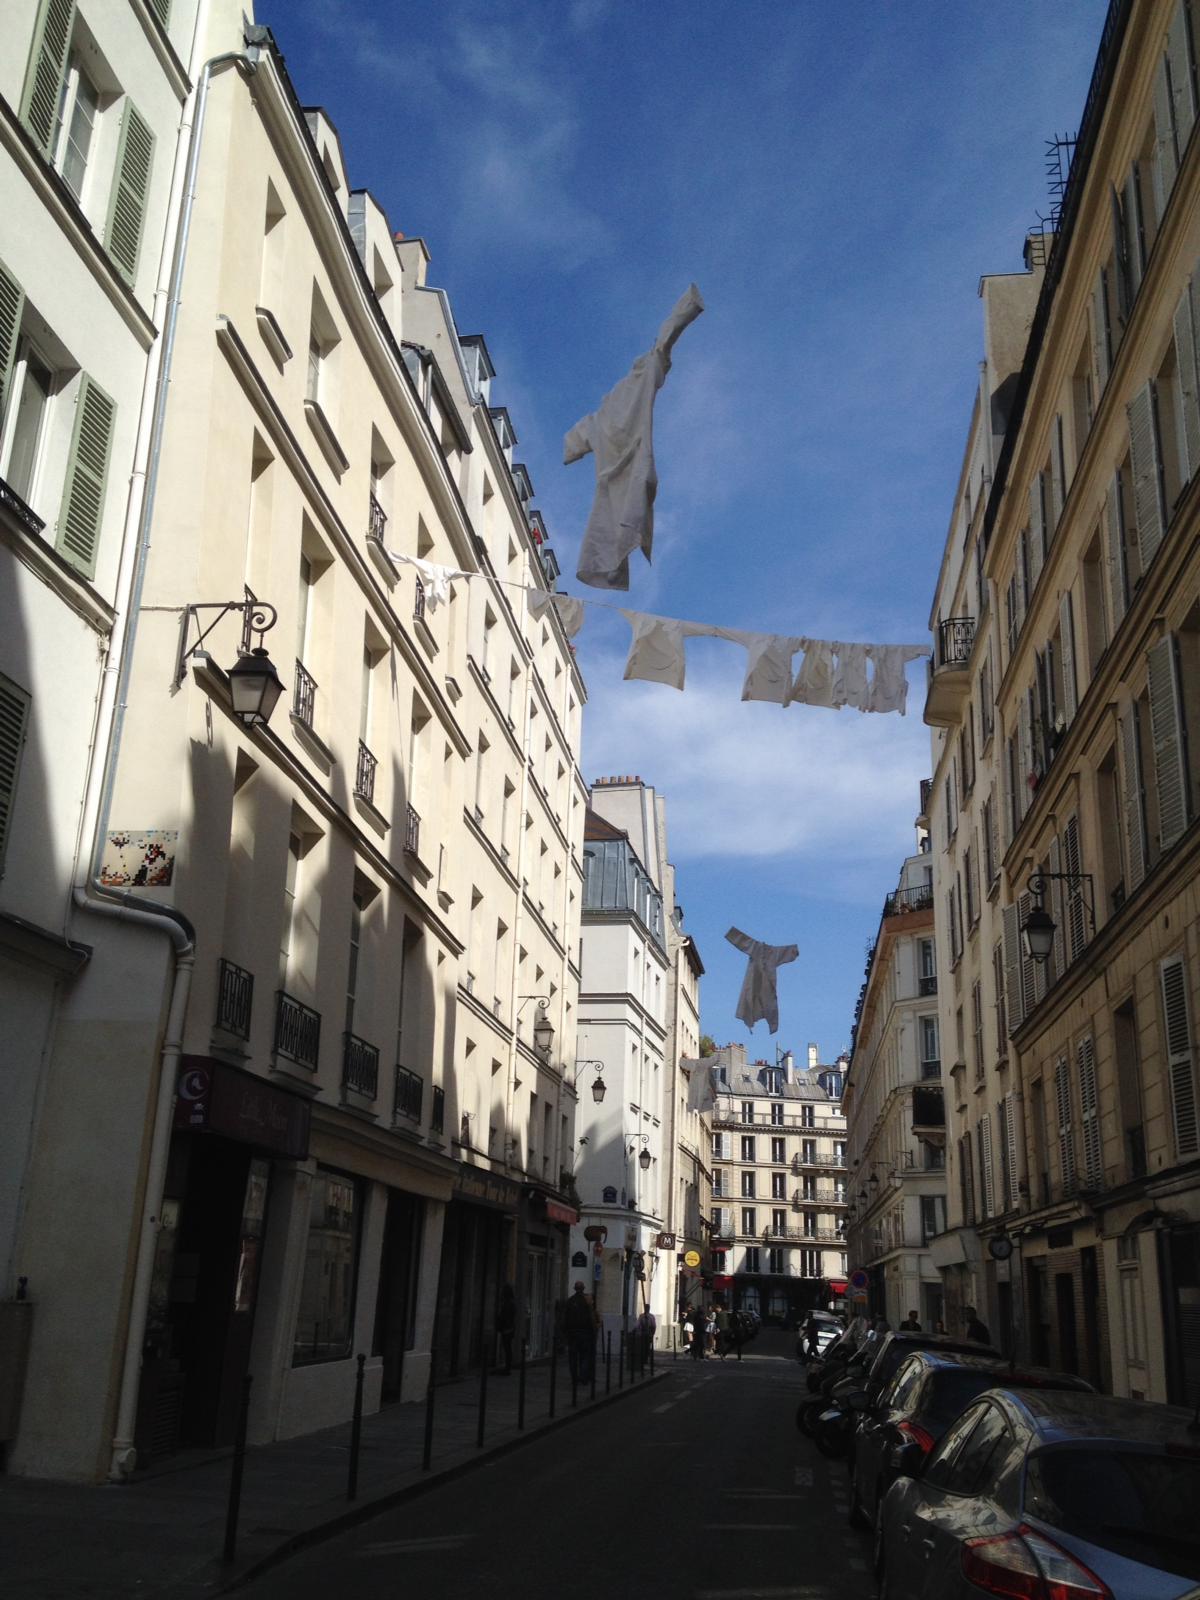 Rue de Roi de Sicile, Paris. Foto: Luc Teisseire, 2020